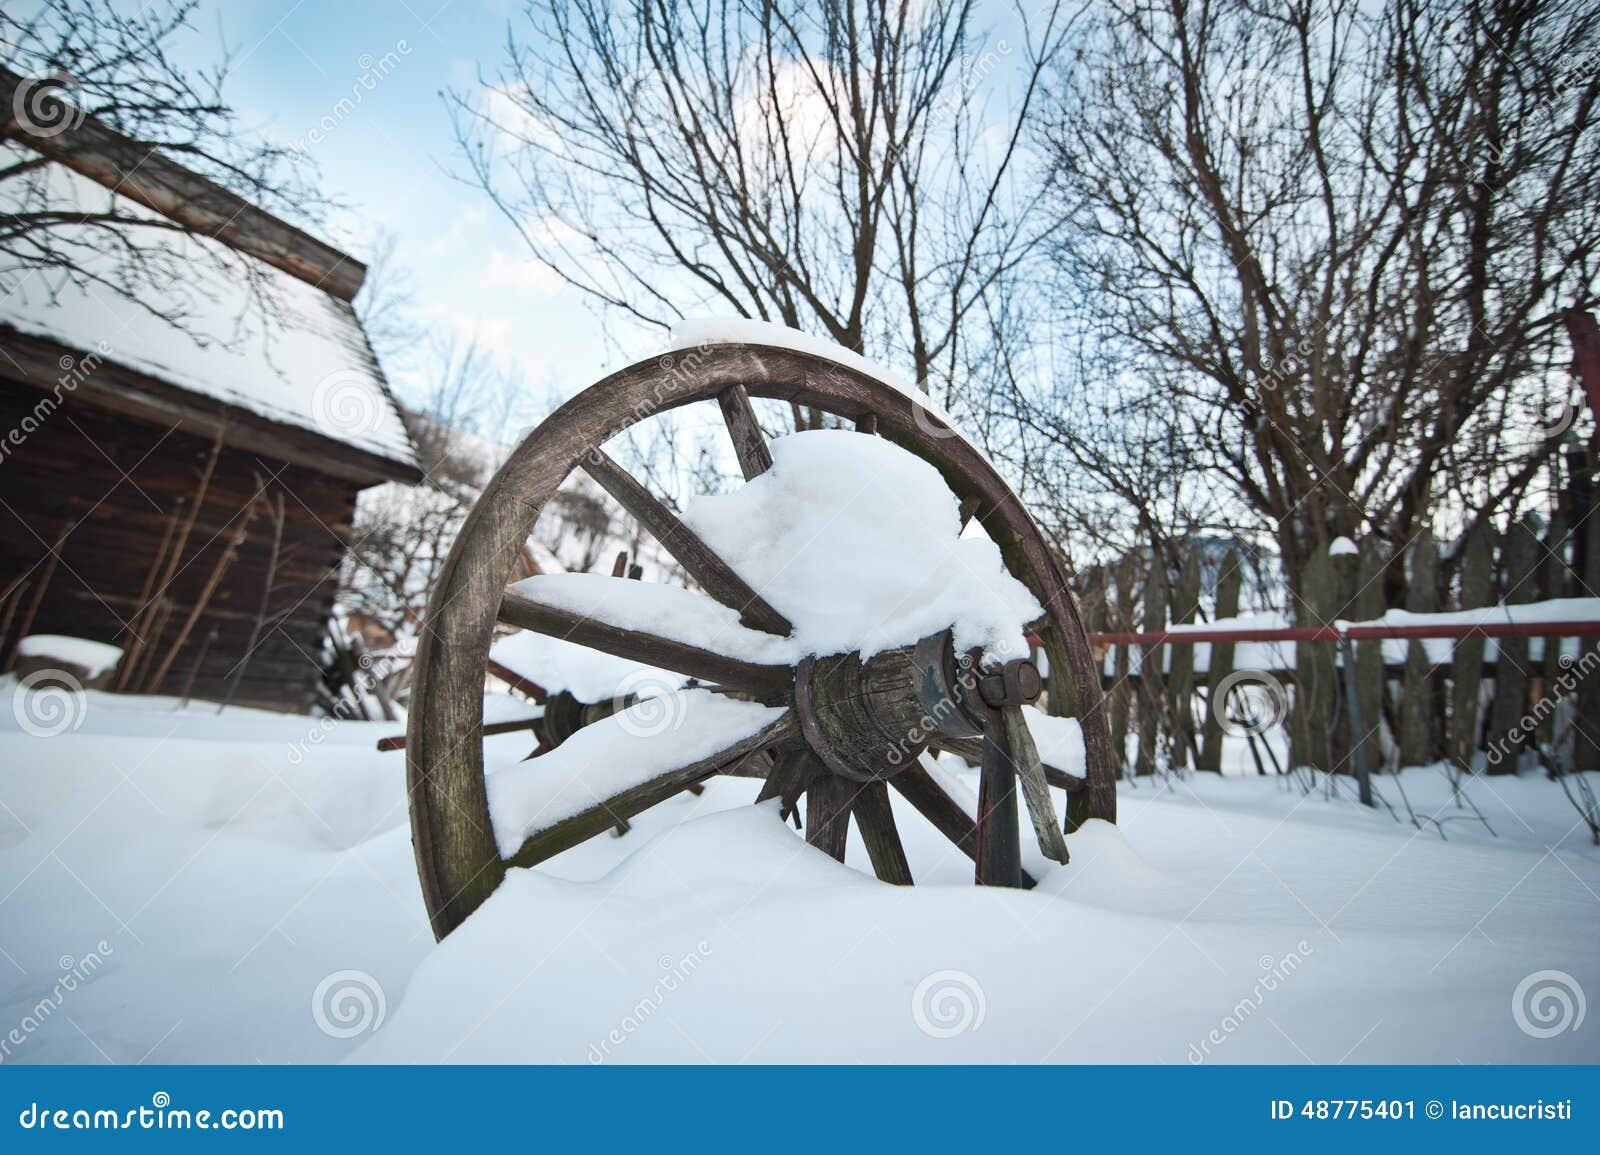 Caba a de madera vieja y rueda rumana de madera cubiertas - Cabanas de madera en la nieve ...